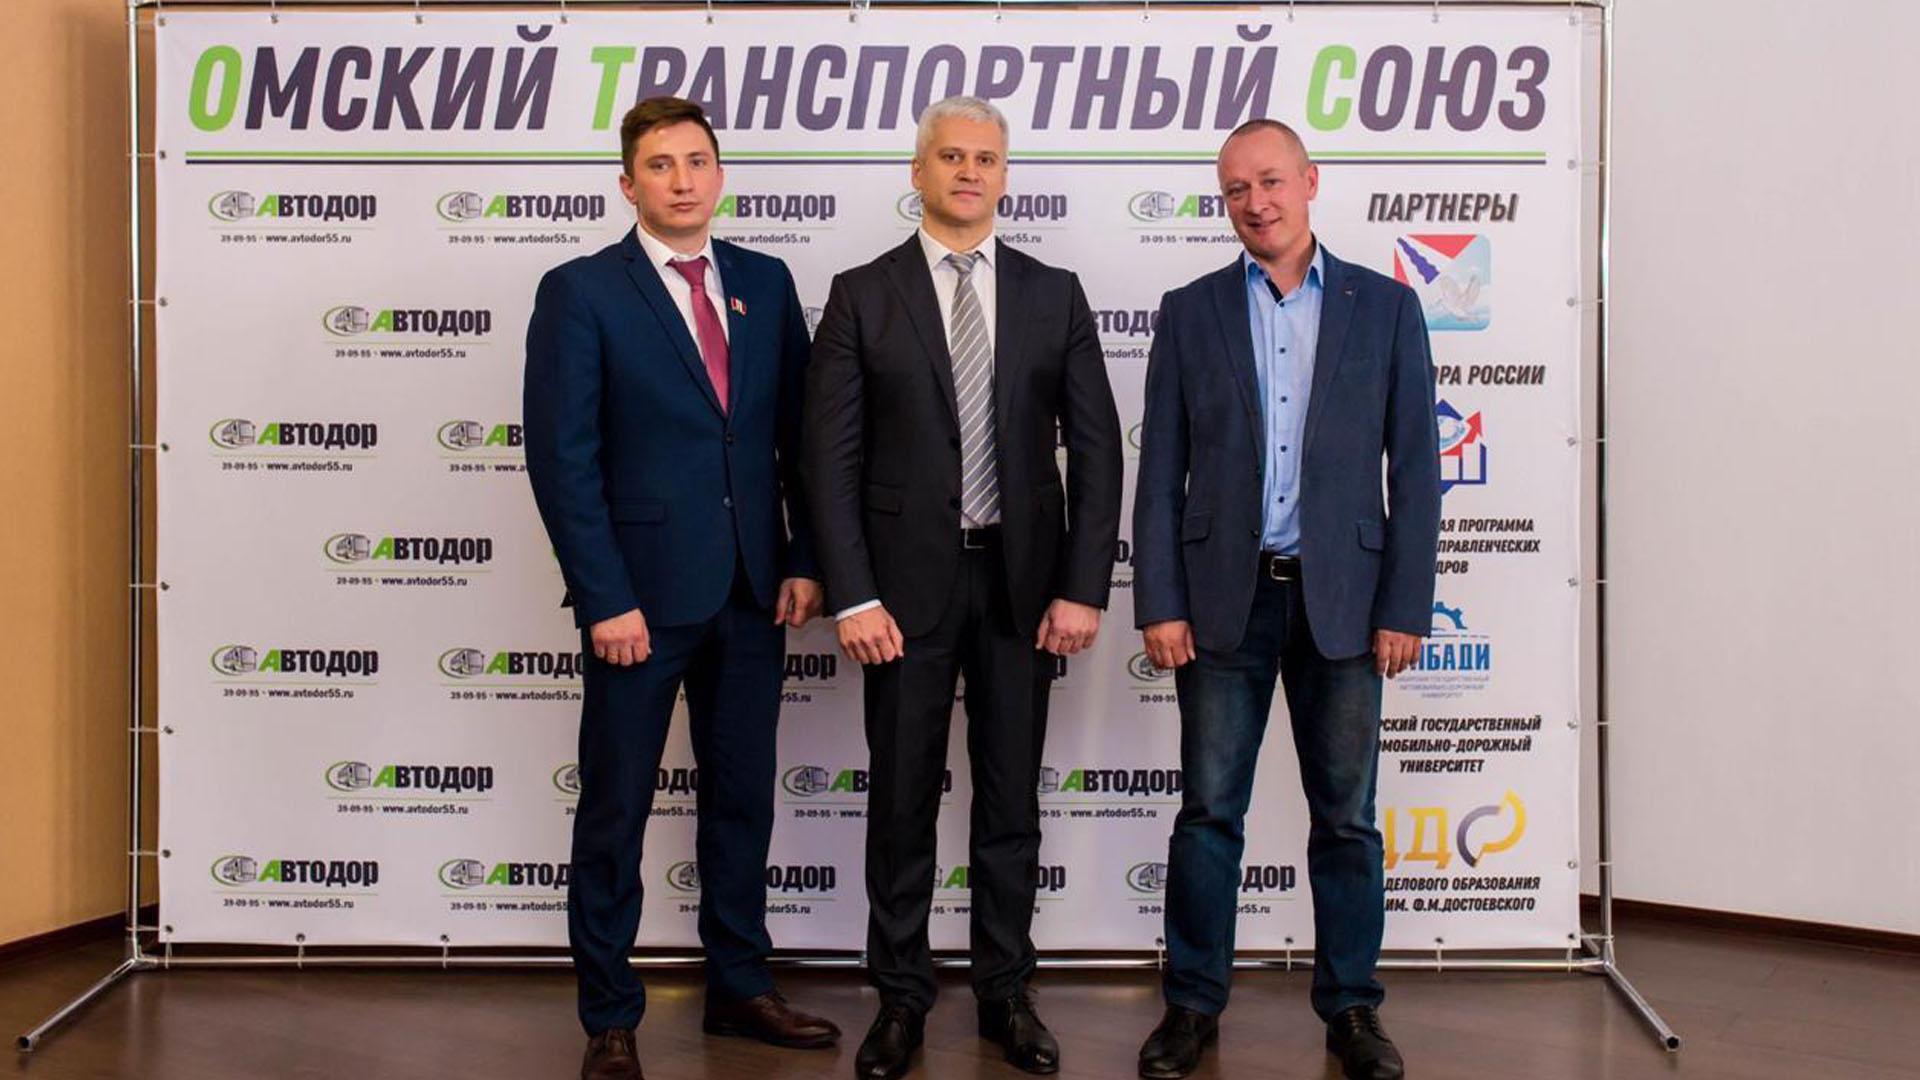 В Омский транспортный союз вступило 20 новых участников